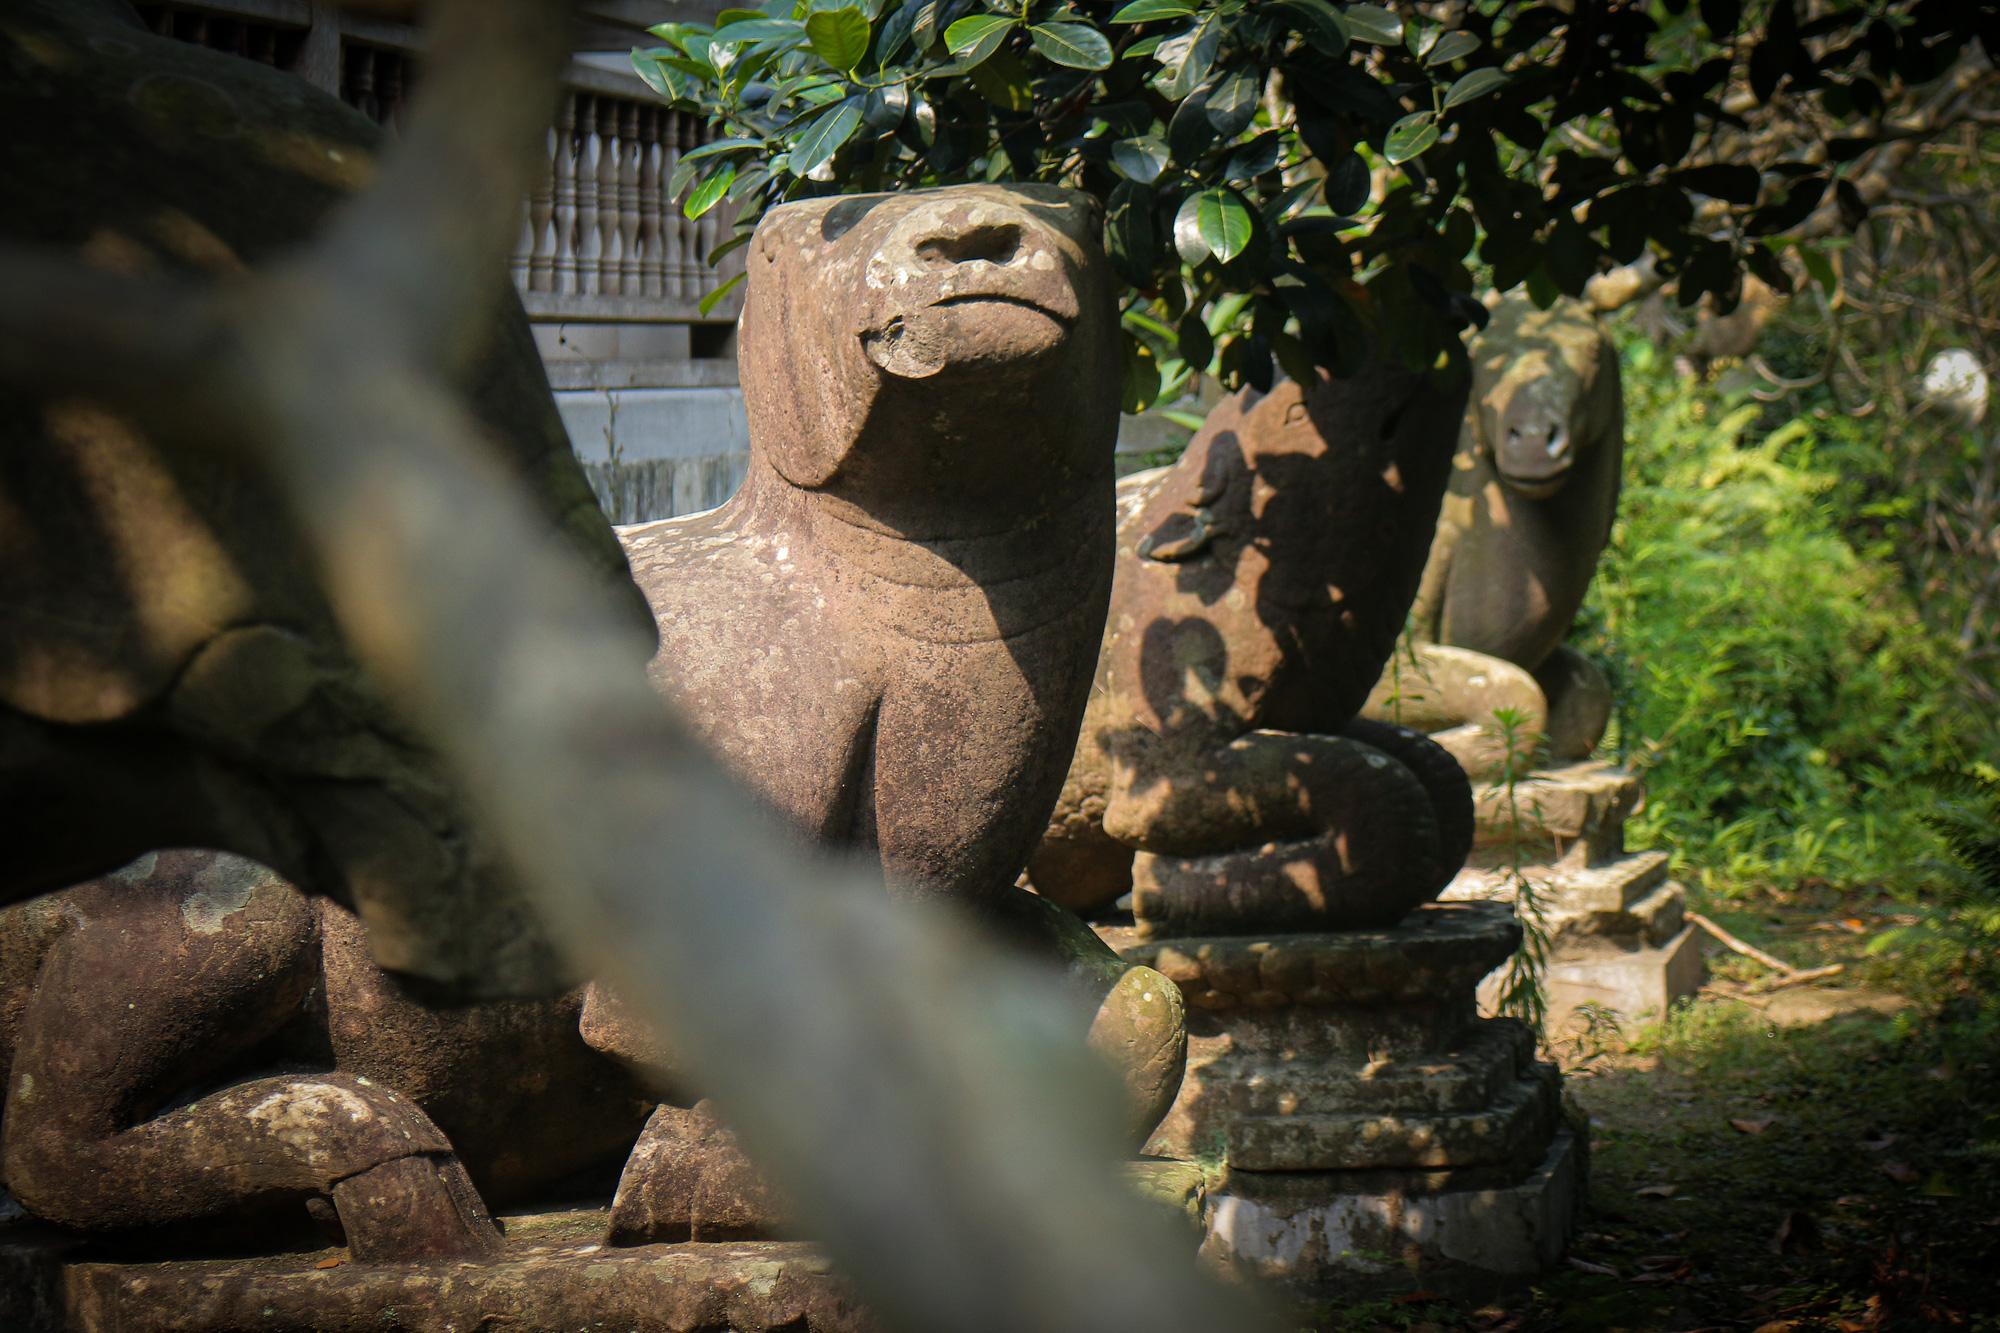 Bất ngờ ý nghĩa thực sự của bộ tượng linh thú nghìn tuổi ở chùa Phật Tích - Ảnh 9.